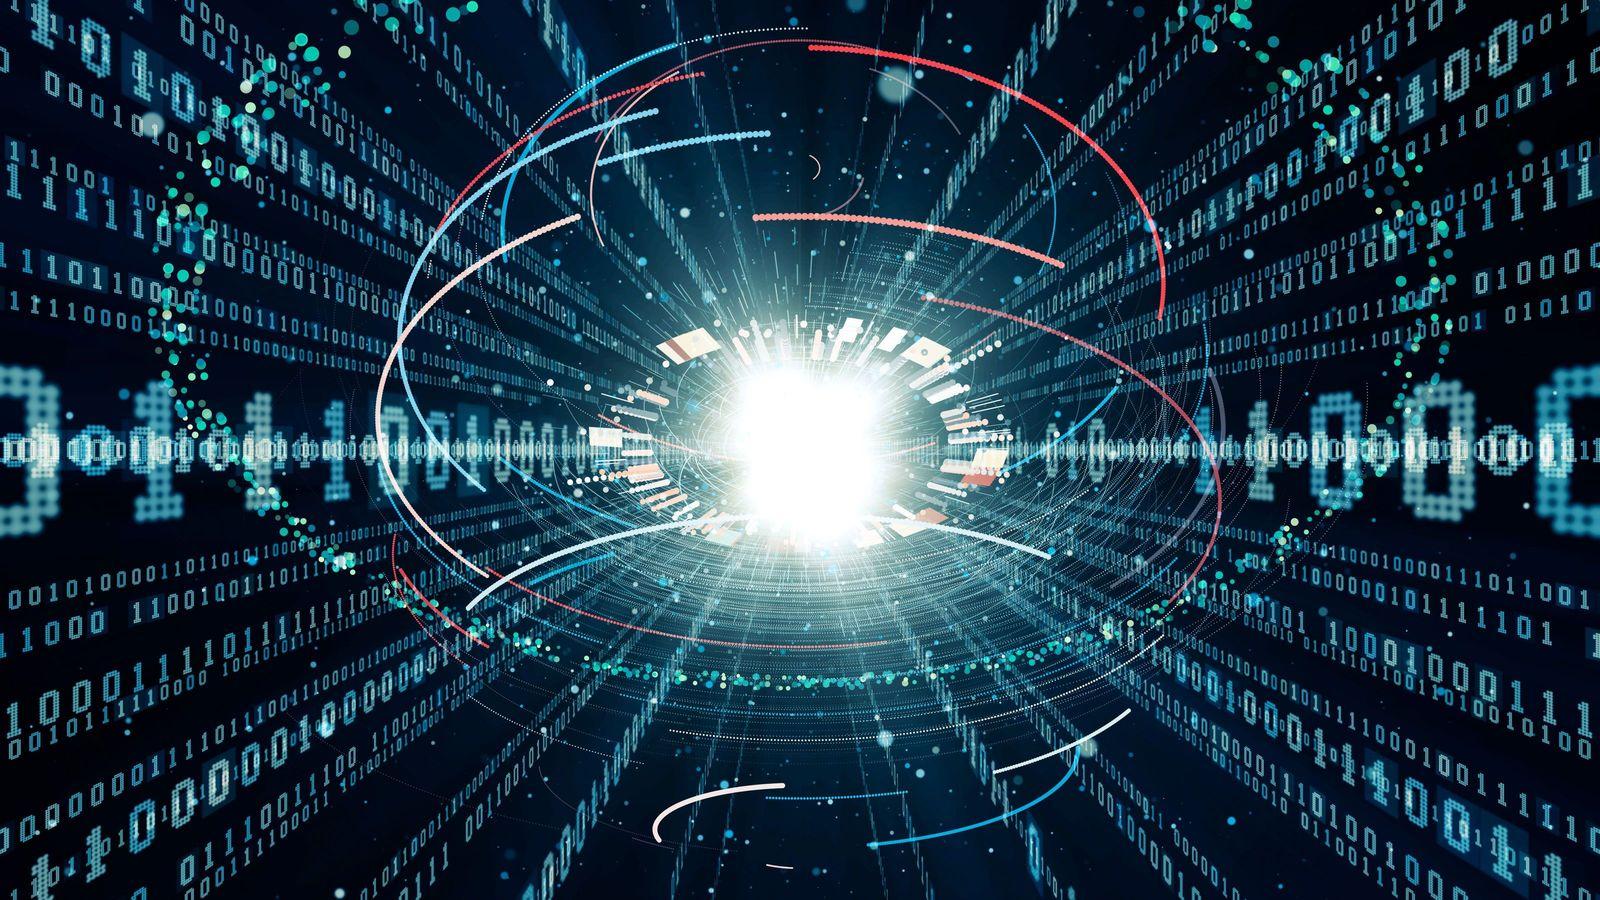 """研修100時間以上の効果がある""""情報理論の本"""" パソコン、携帯電話の礎となる技術"""